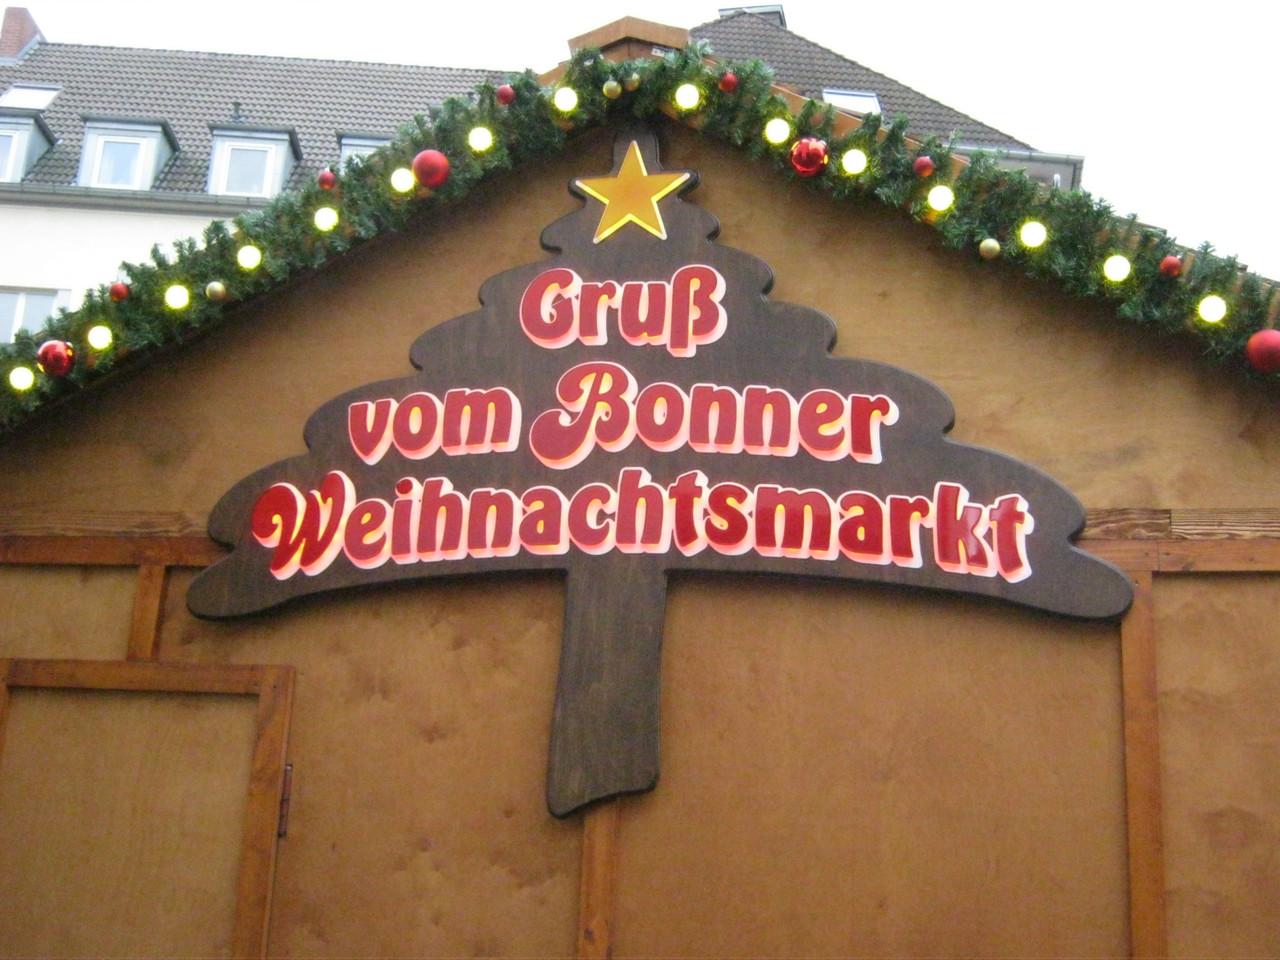 St. Matthias Bruderschaft Nz/Oz besuchte den Bonner Weihnachtsmarkt